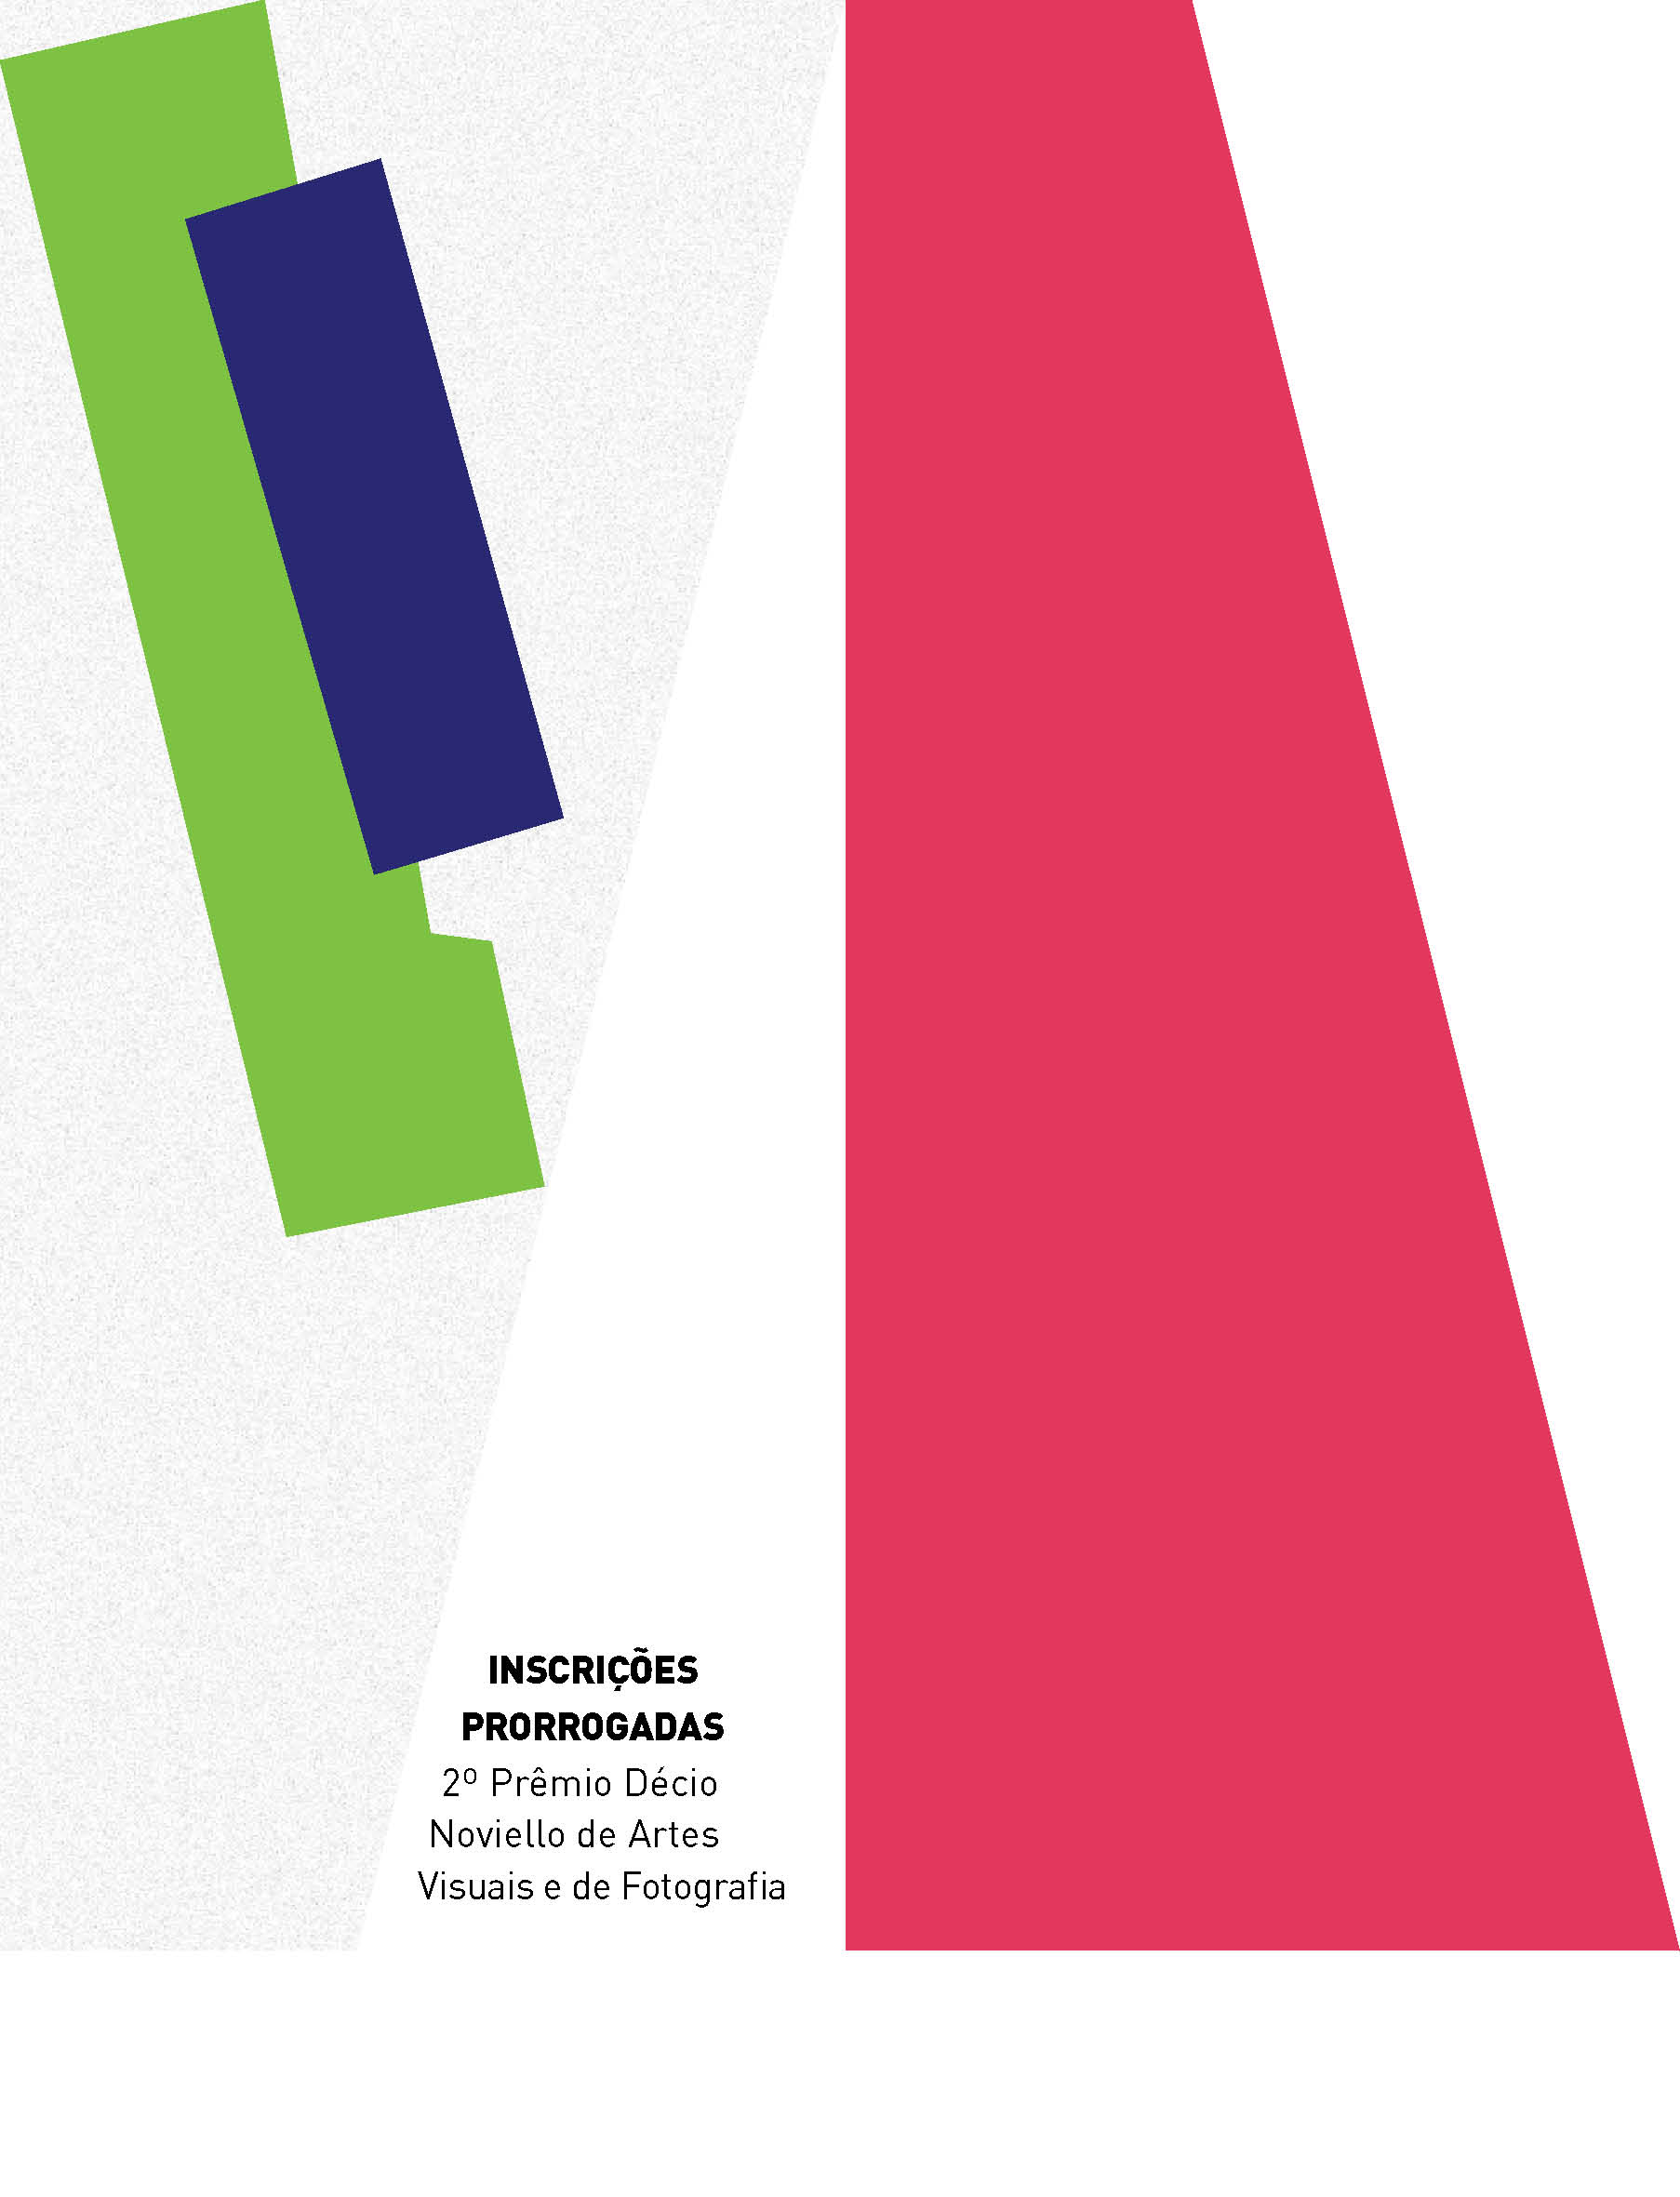 Evento: INSCRIÇÕES PRORROGADAS | 2º Prêmio Décio Noviello de Artes Visuais e Fotografia